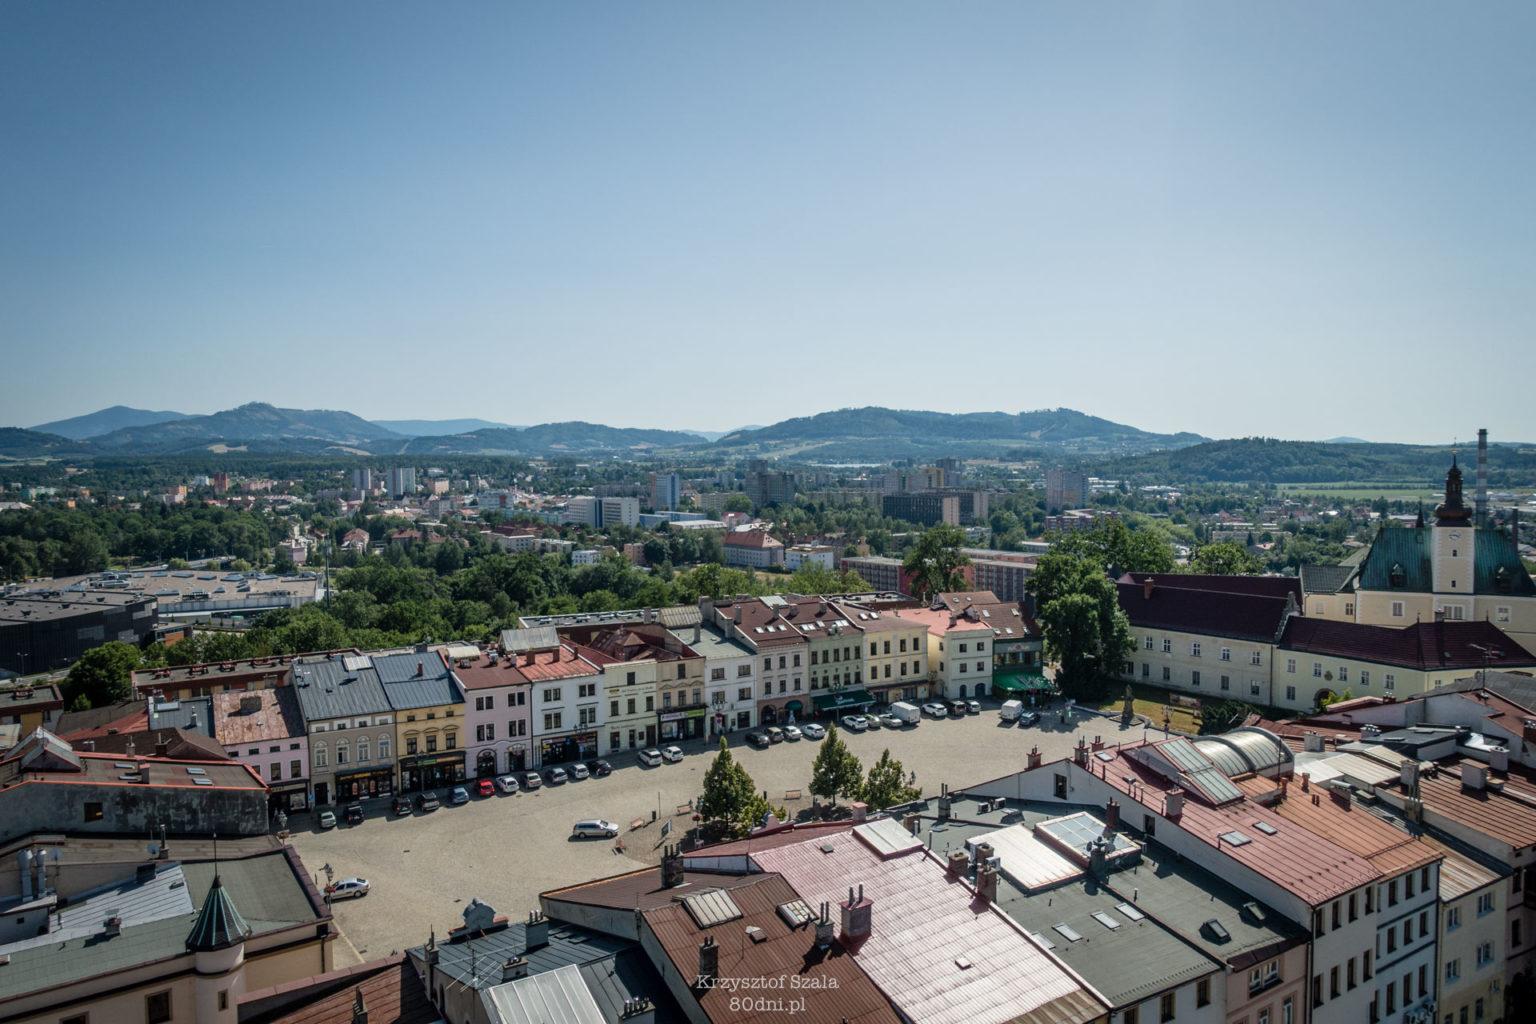 Ryneczek w śląskiej części Frydka-Mistka. Widok z Wieży Świętojańskiej.